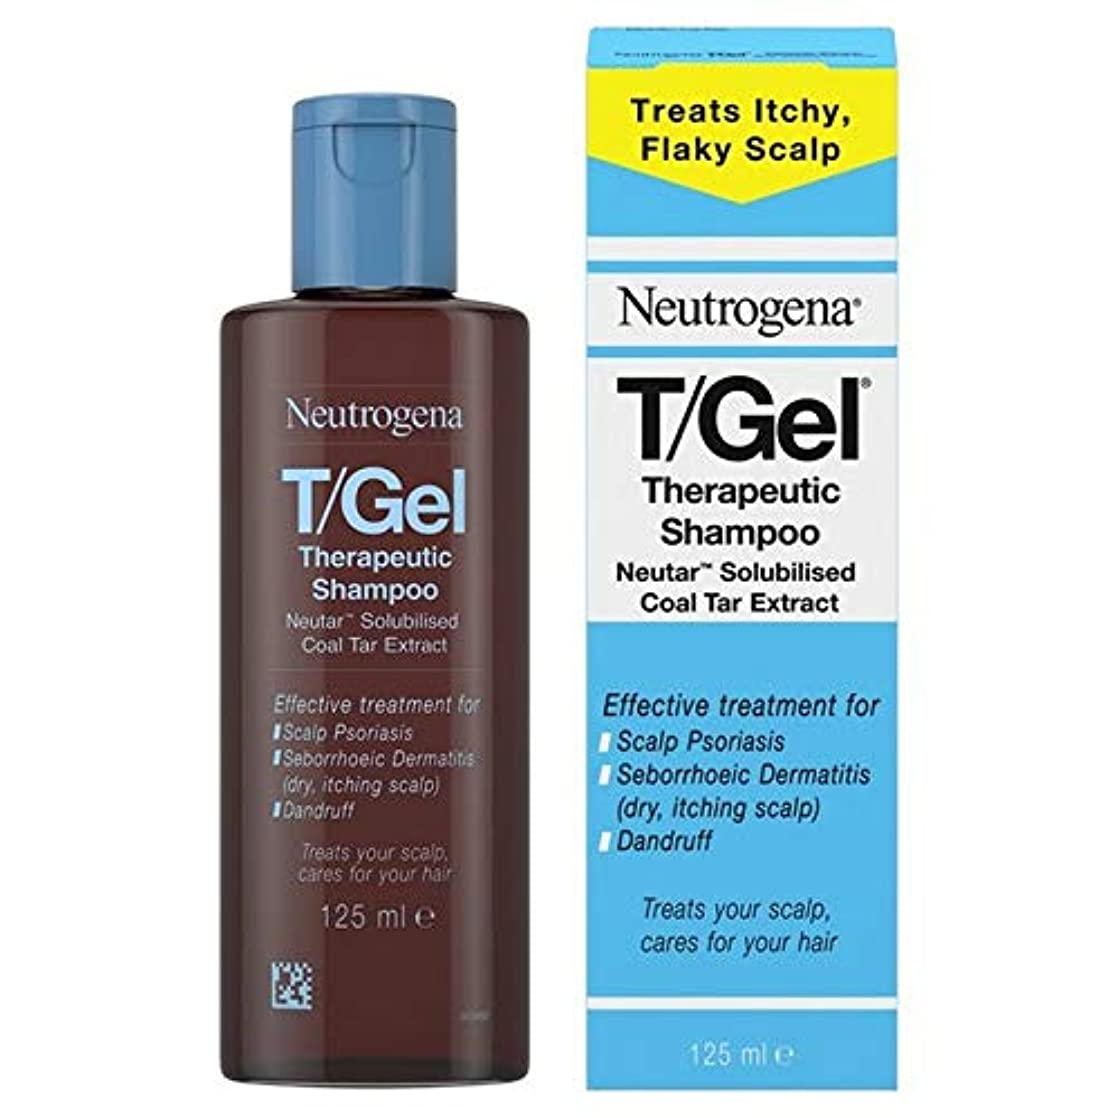 巧みな仮称クレジット[Neutrogena ] ニュートロジーナのT /ゲル治療シャンプー125ミリリットル - Neutrogena T/Gel Therapeutic Shampoo 125ml [並行輸入品]